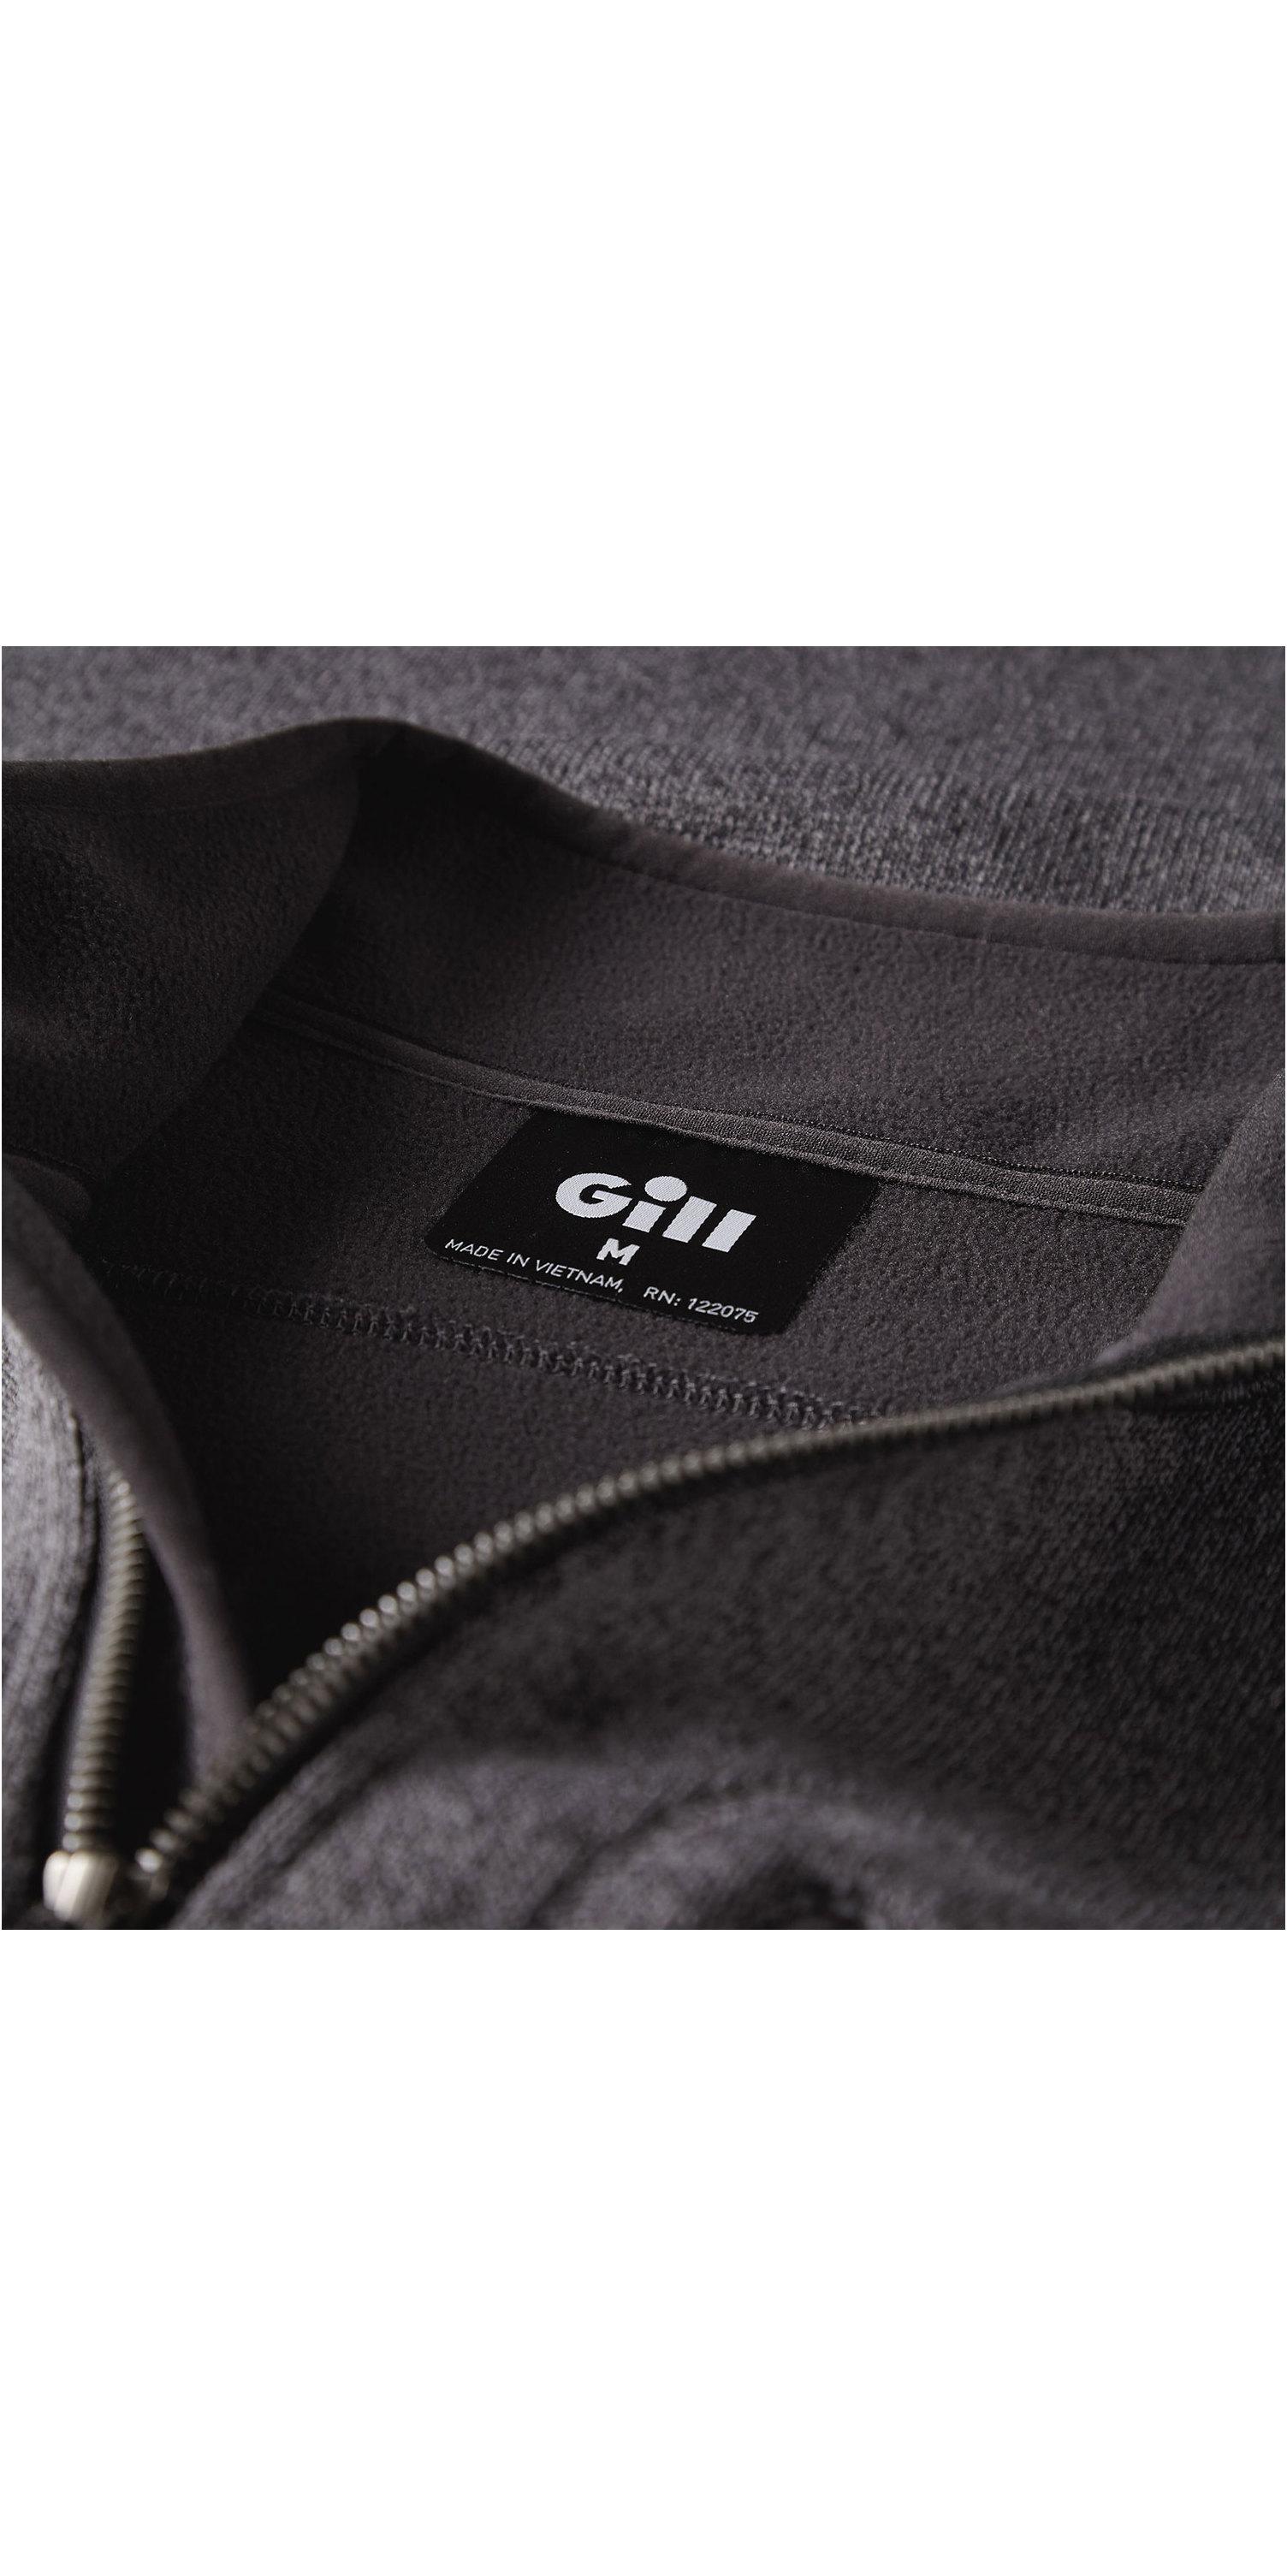 2019 Gill Mens Knit Fleece Ash 1492